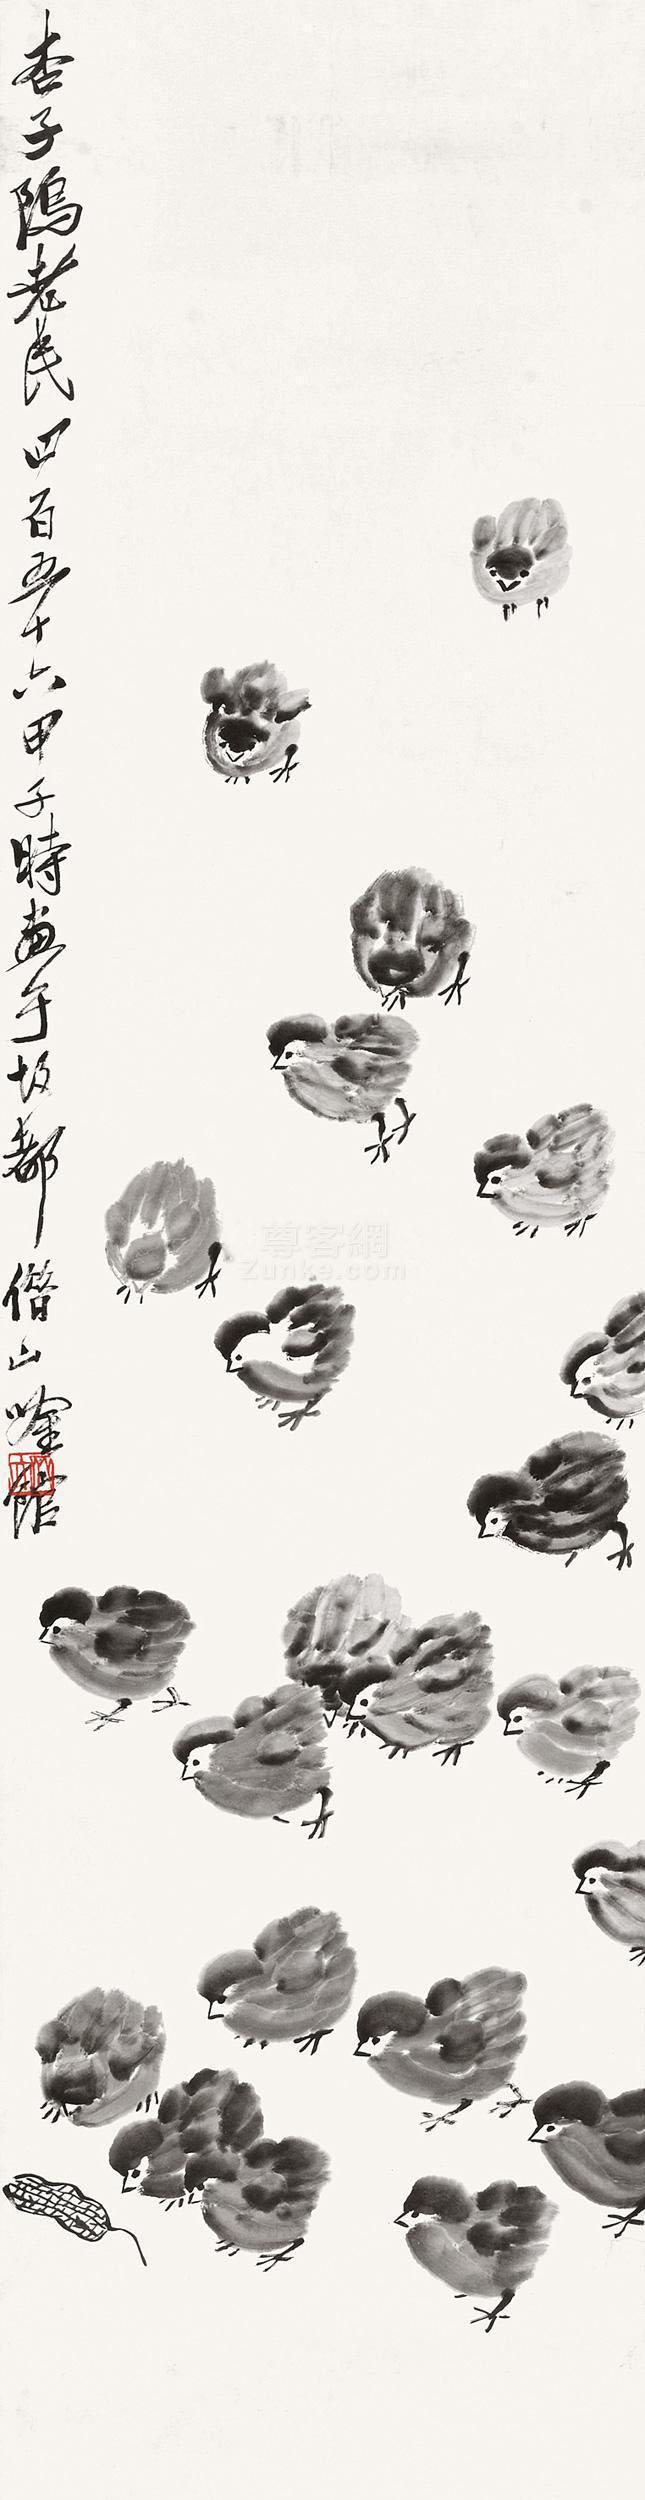 齐白石 群鸡图 立轴 水墨纸本作品欣赏